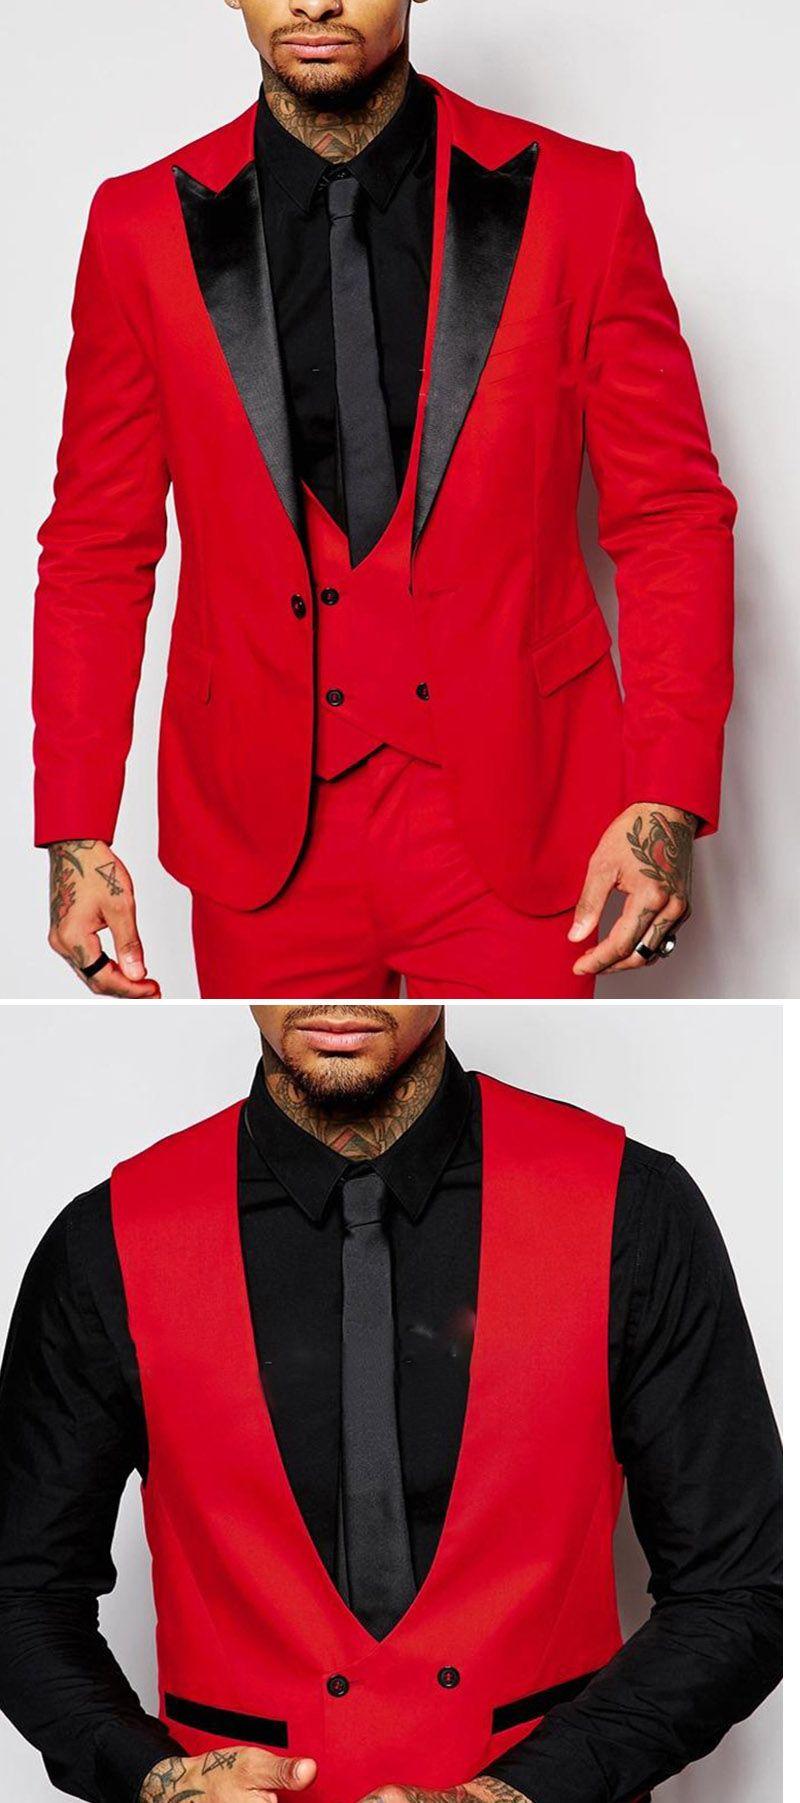 red and black prom suit peak lapel three pieces men suit